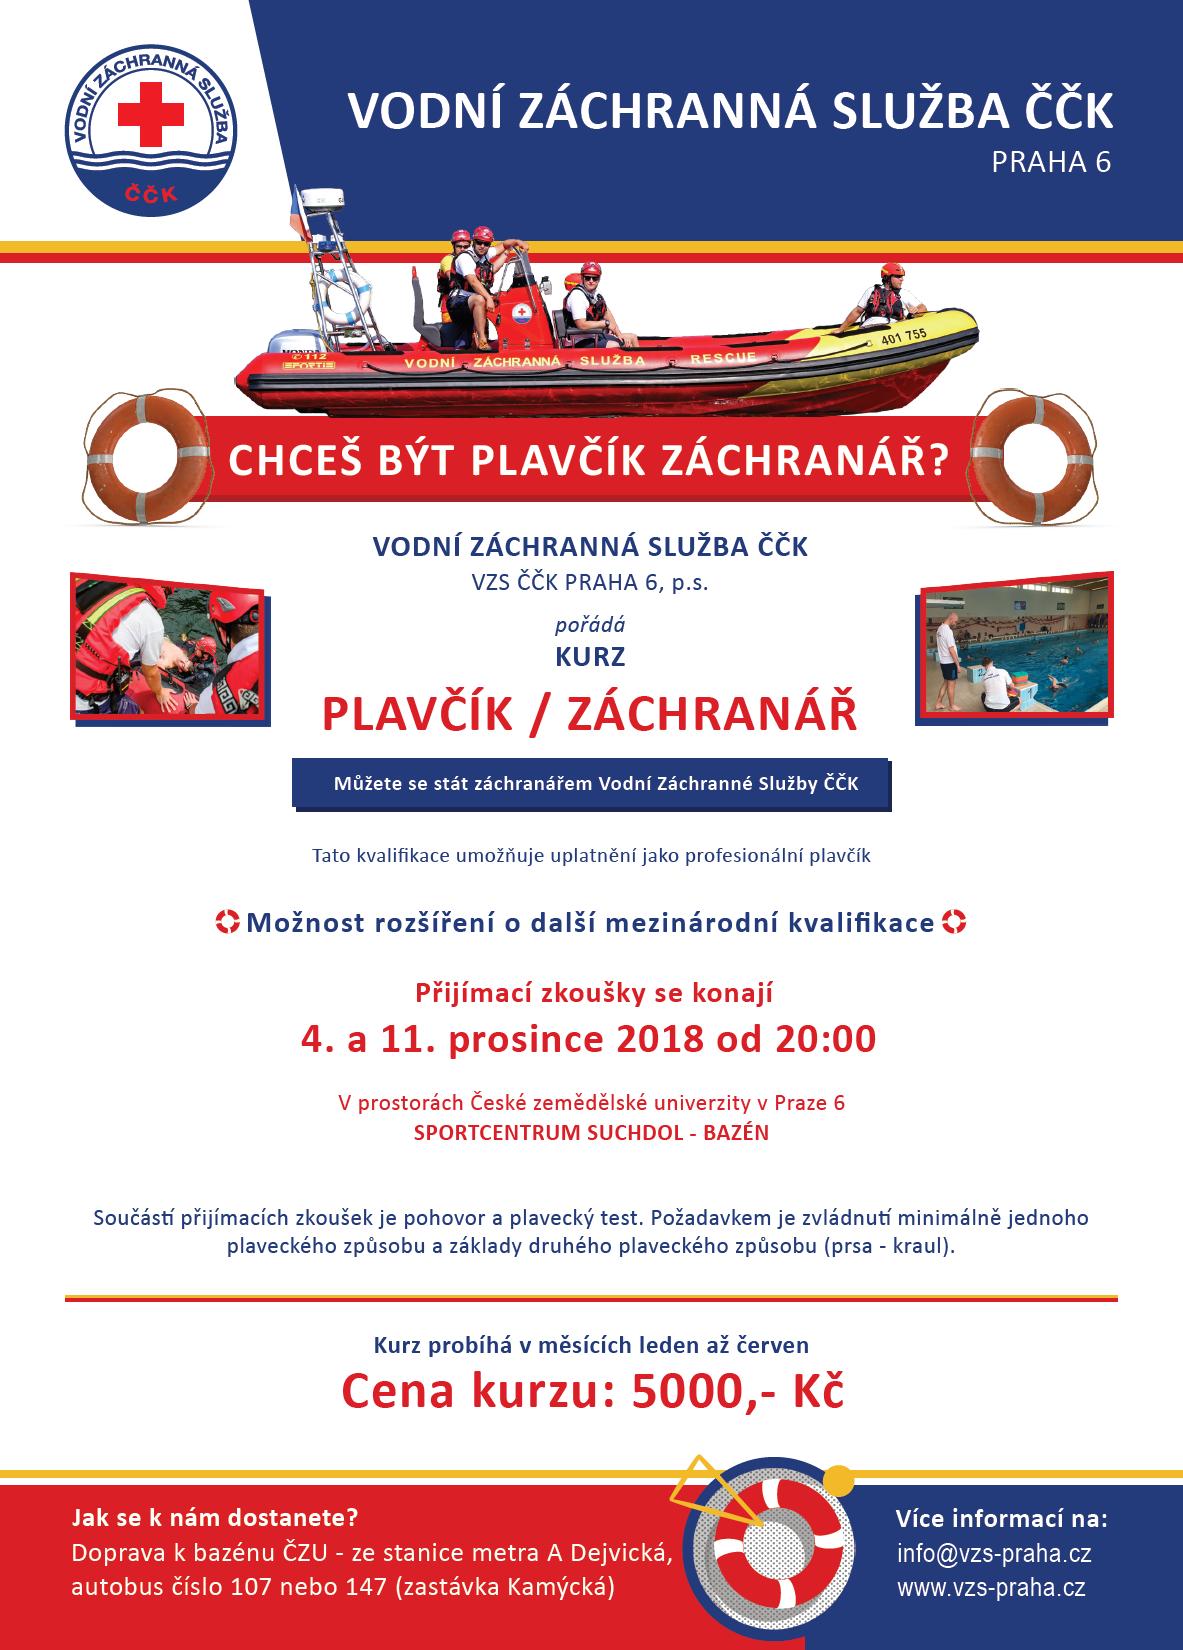 Plakát na kurz plavčík Z3 v roce 2019